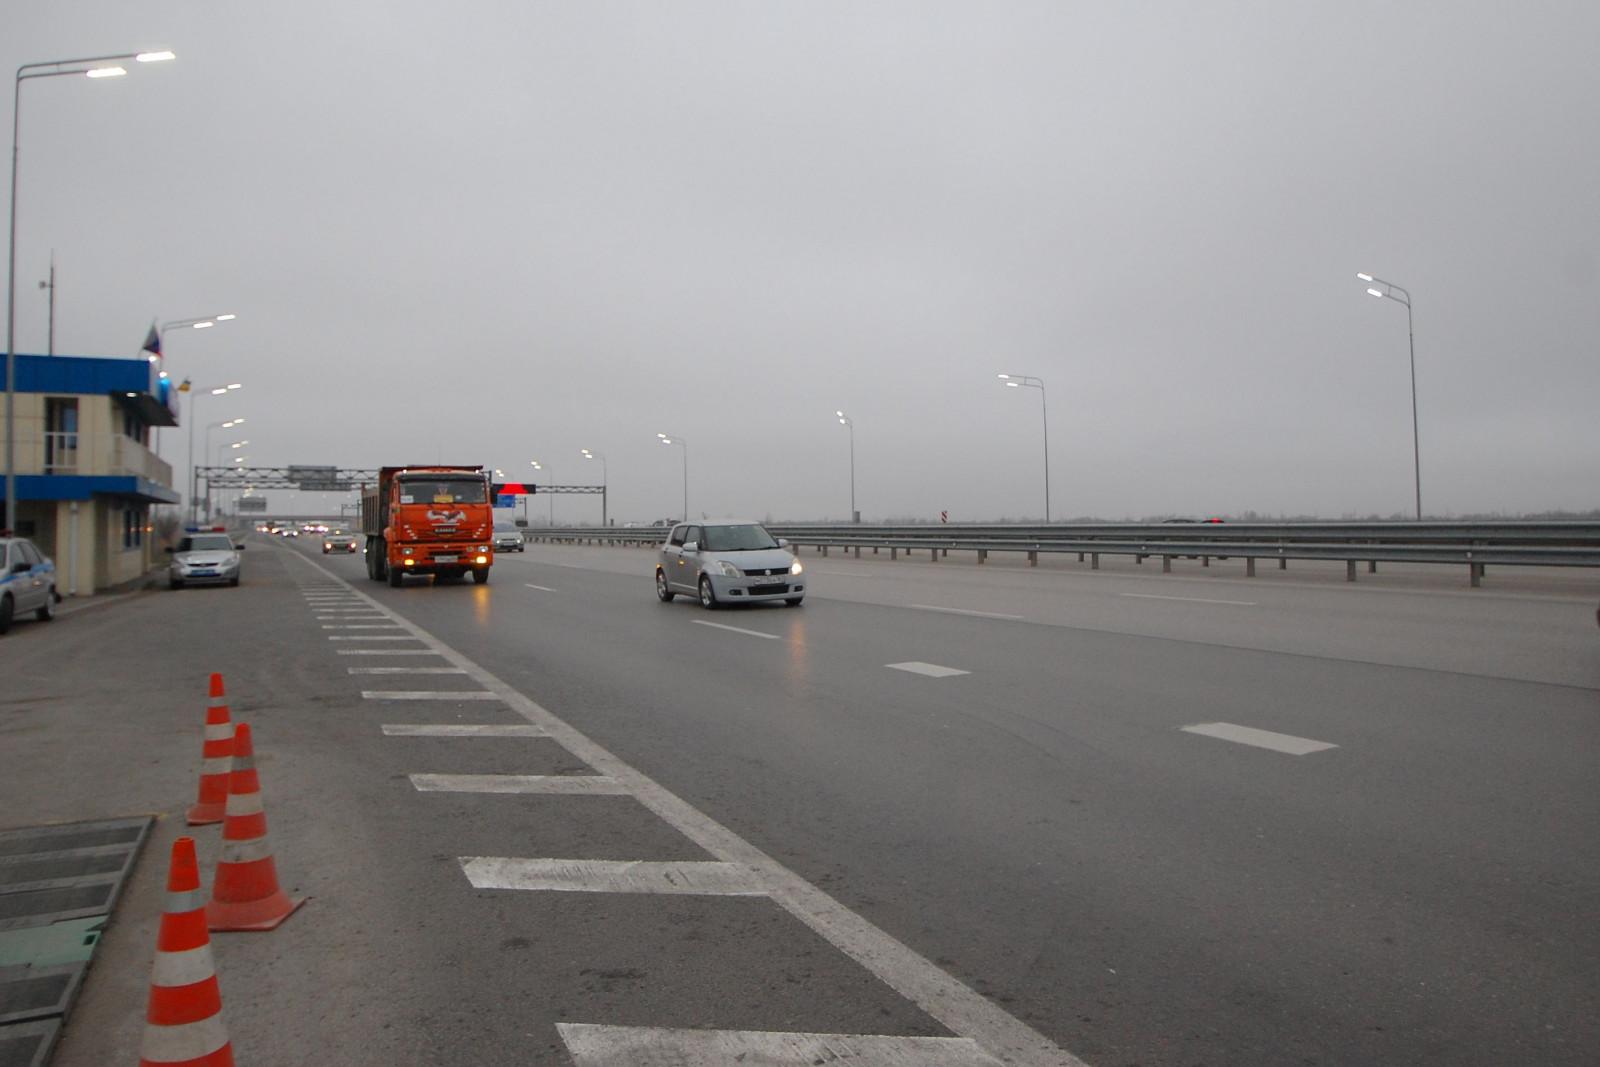 В Ростовской области по итогам 11 месяцев аварийность снизилась на 21,4%